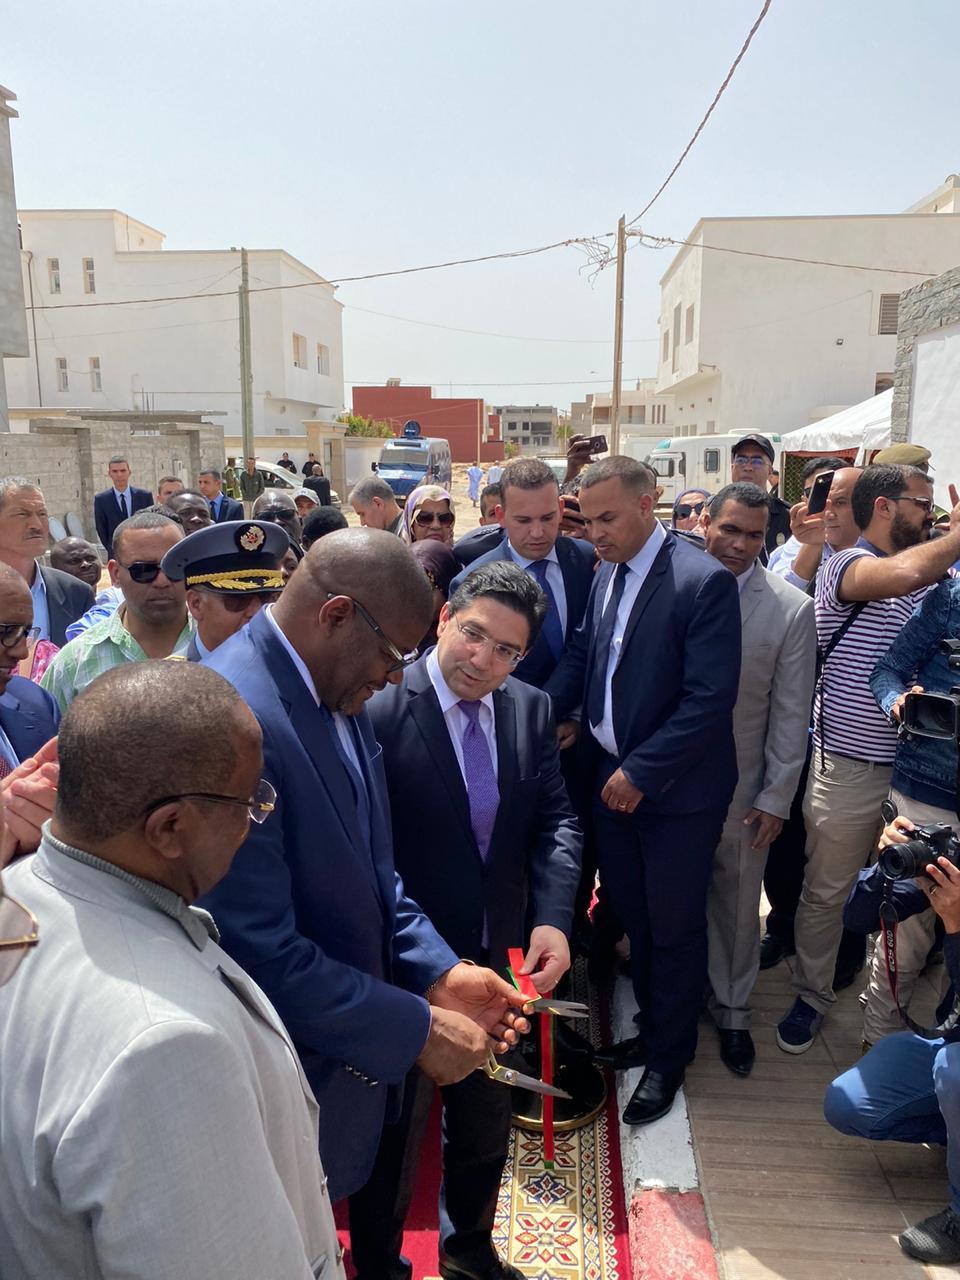 افتتاح ليبريا قنصلية بالداخلة يعكس التزامها بدعم الوحدة الترابية للمغرب (وزير الخارجية الليبيري)